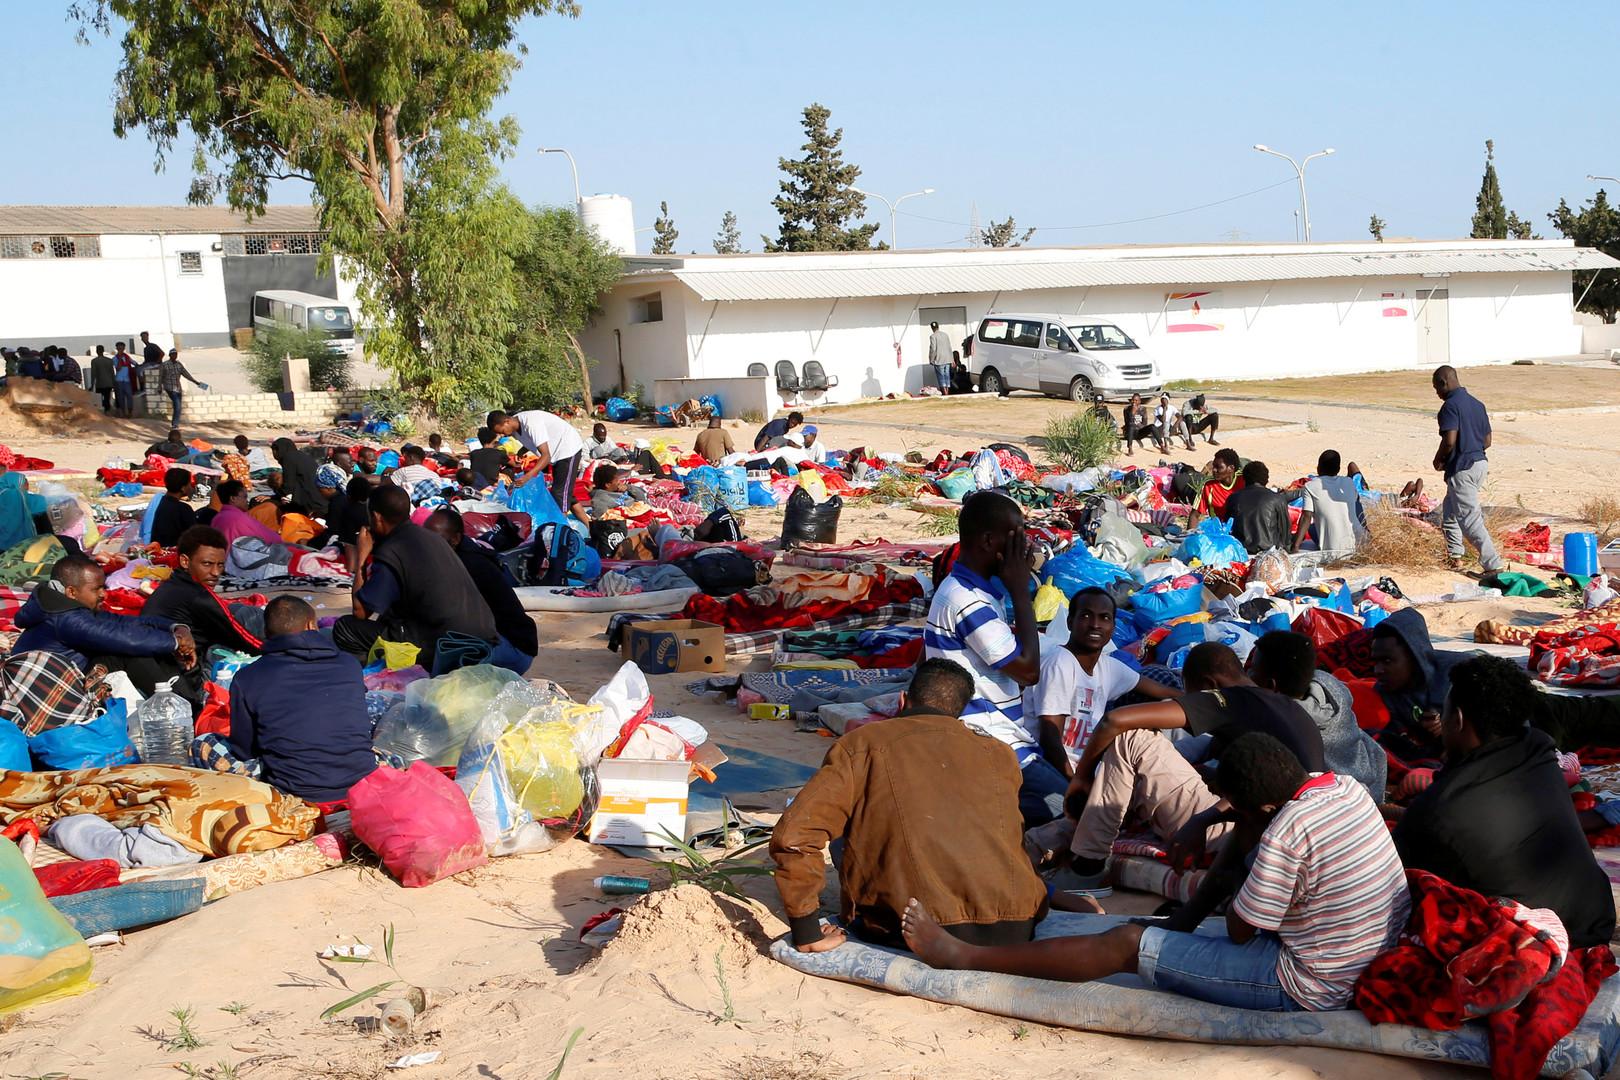 مهاجرون بالقرب من مركز الإيواء المستهدف بغارة جوية